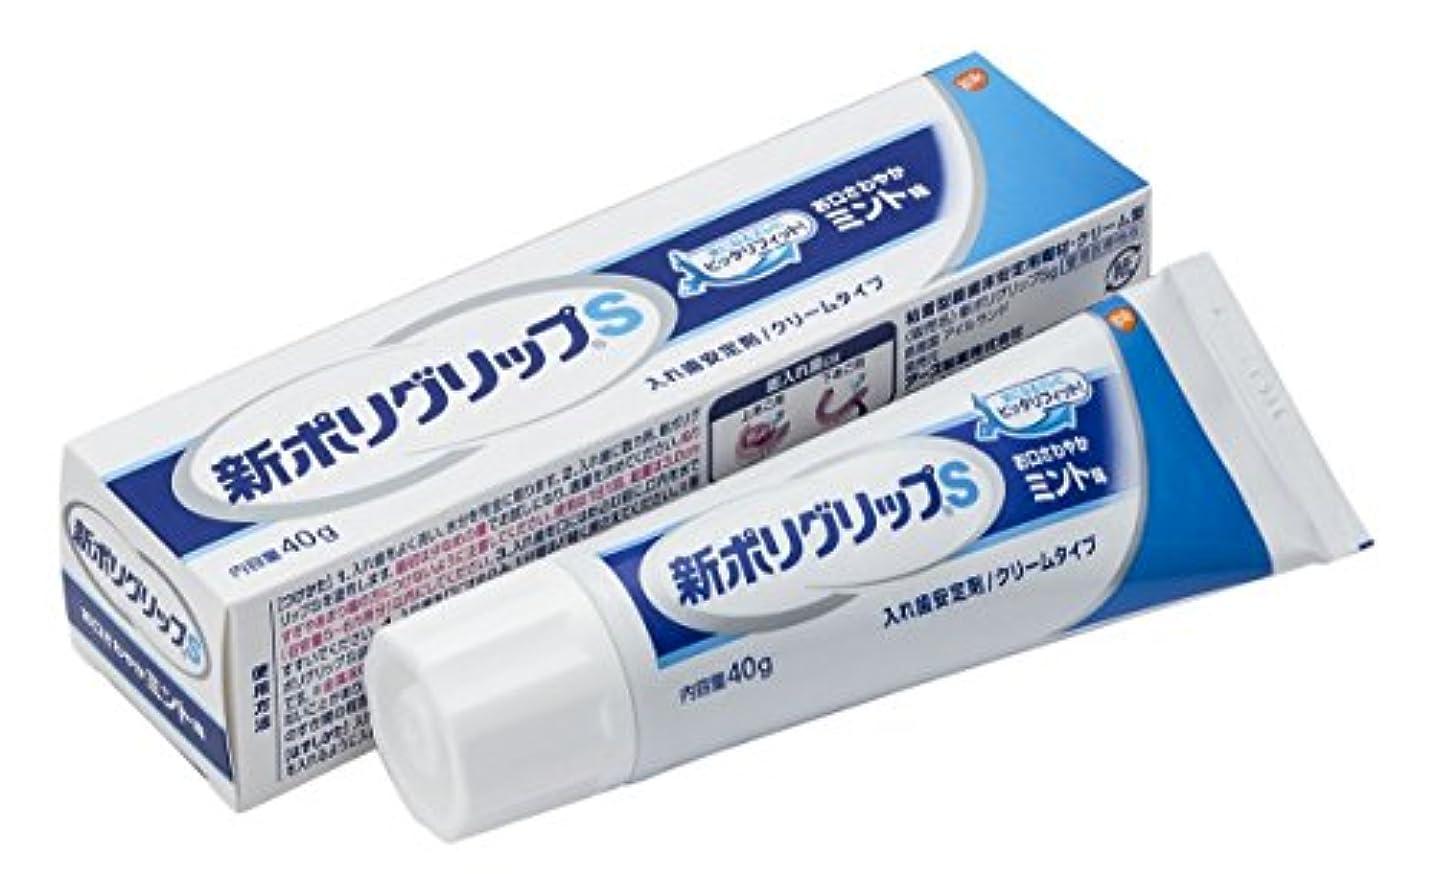 ゴシップ課すダンプ部分?総入れ歯安定剤 新ポリグリップ S(お口さわやかミント味) 40g